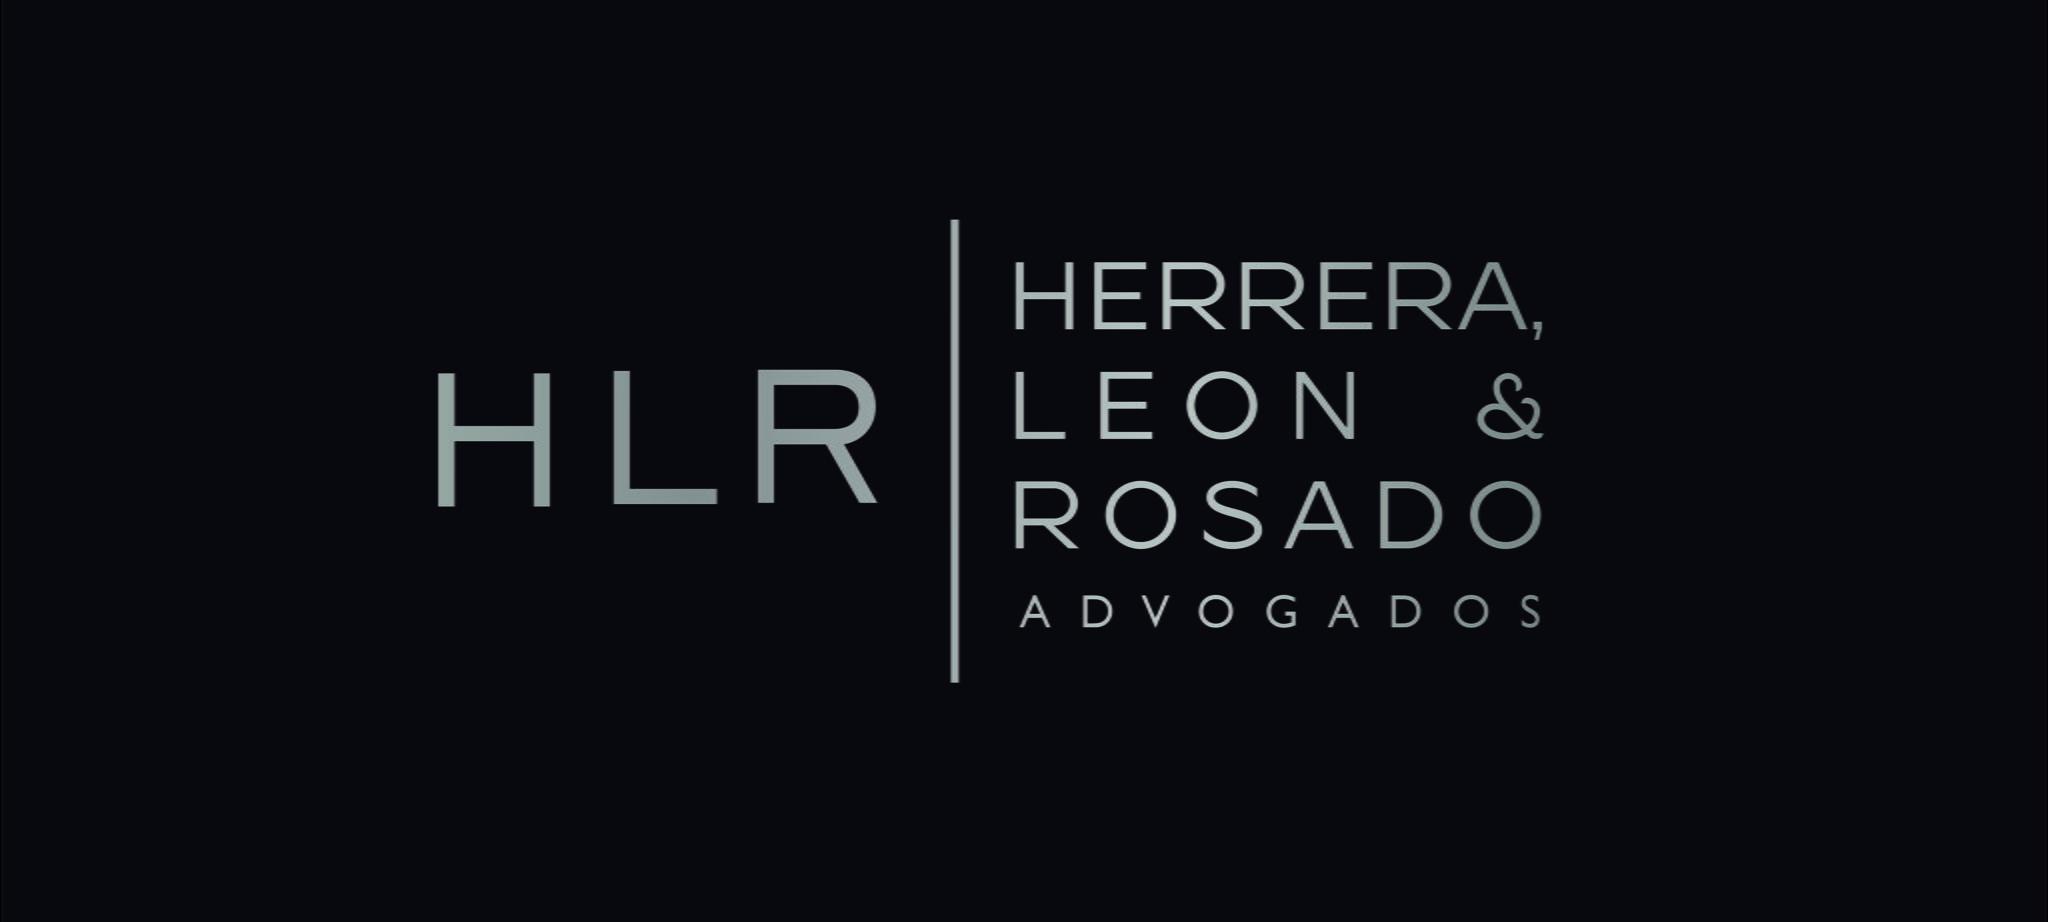 Logo. jpg.jpg